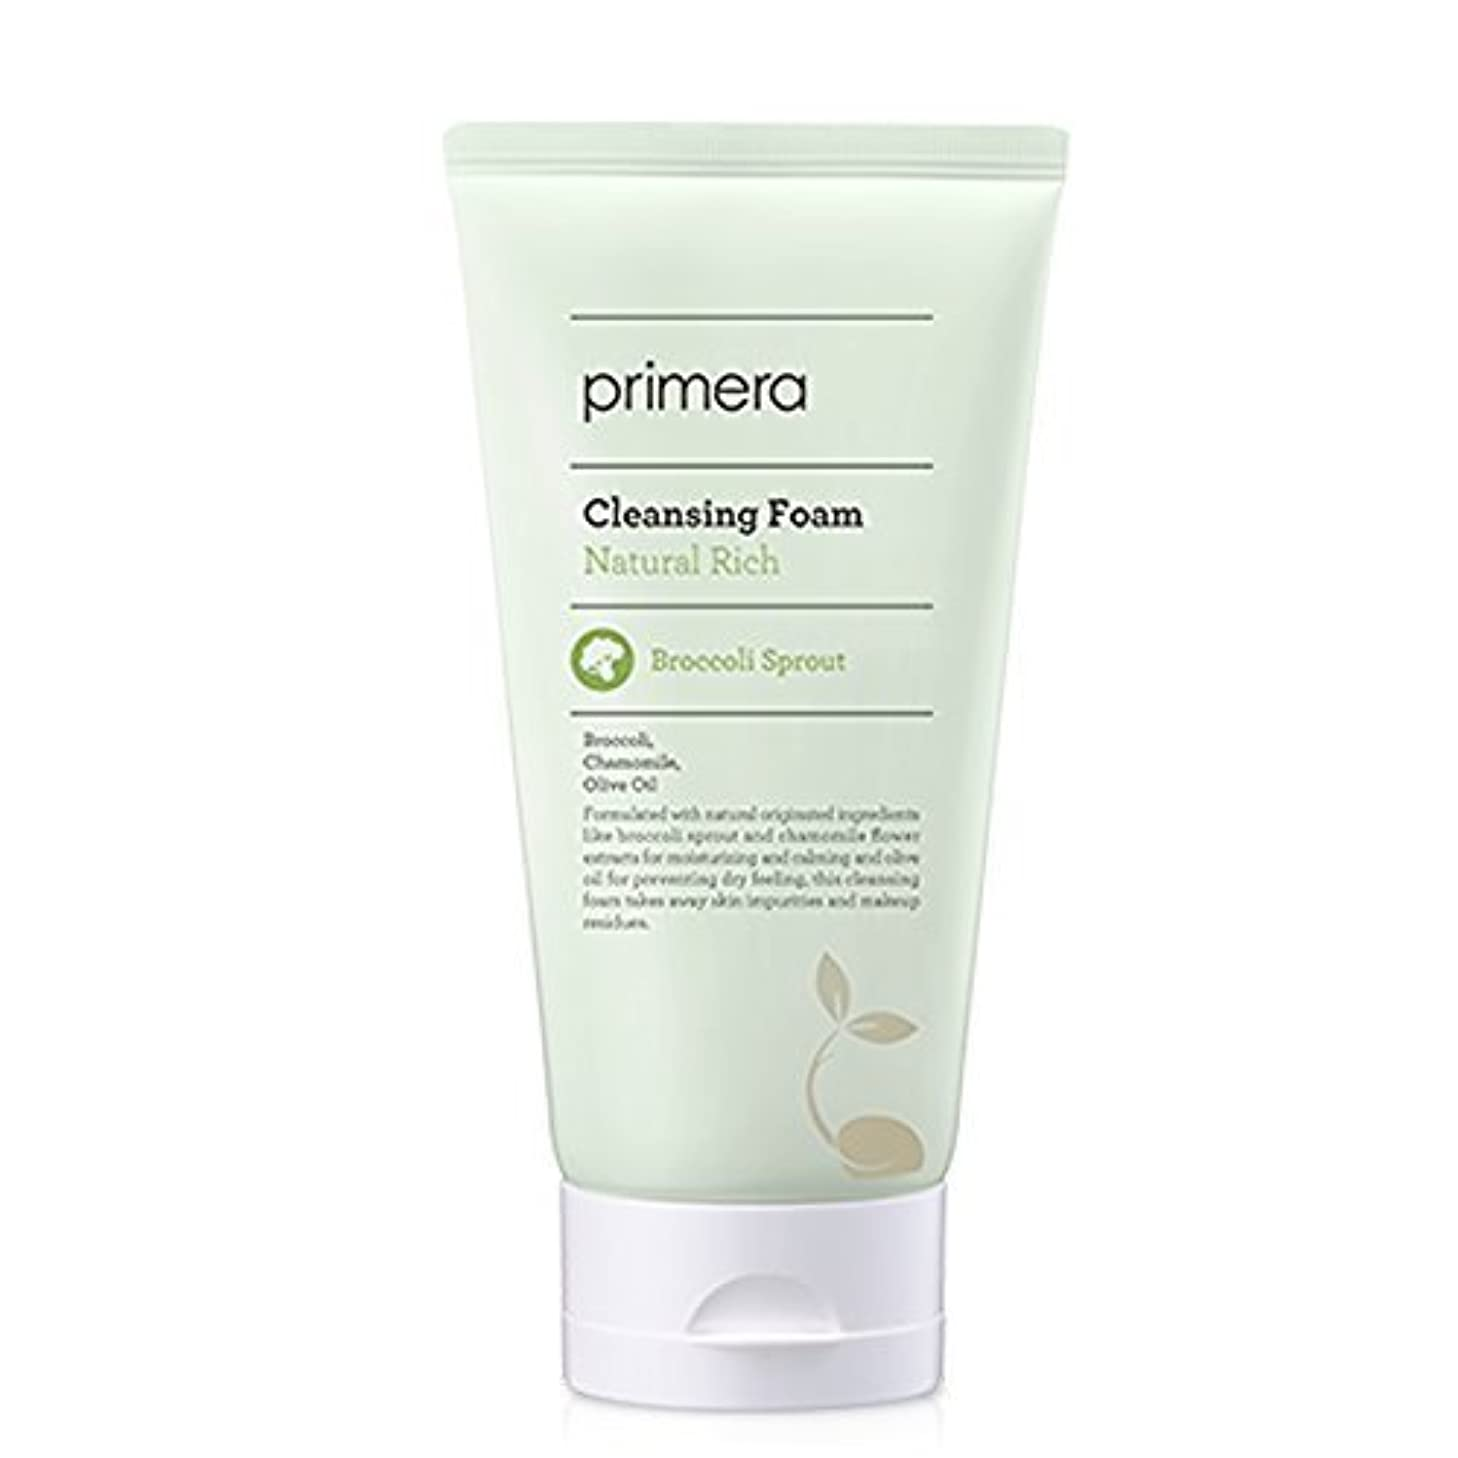 トレイ残忍な理容師Primera Technology [プリメーラ]自然の豊かなクレンジング フォーム 150 Ml [並行輸入品]